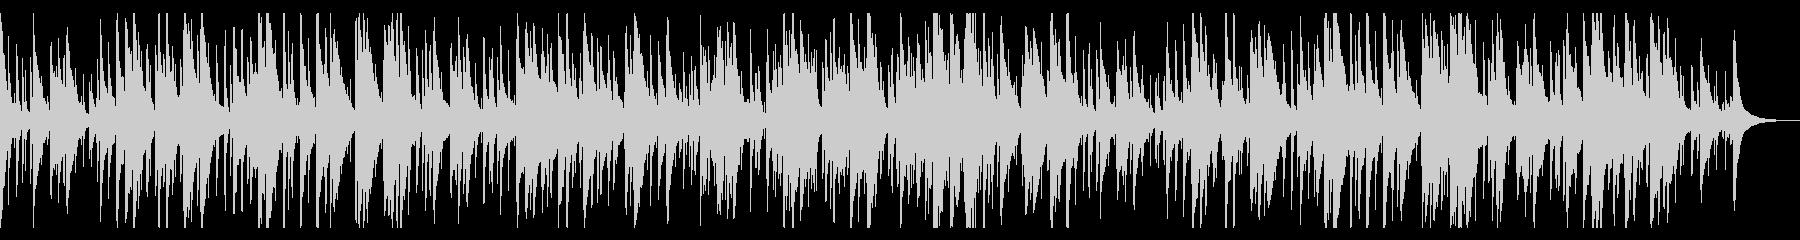 お洒落なジャズピアノトリオ20 バラードの未再生の波形